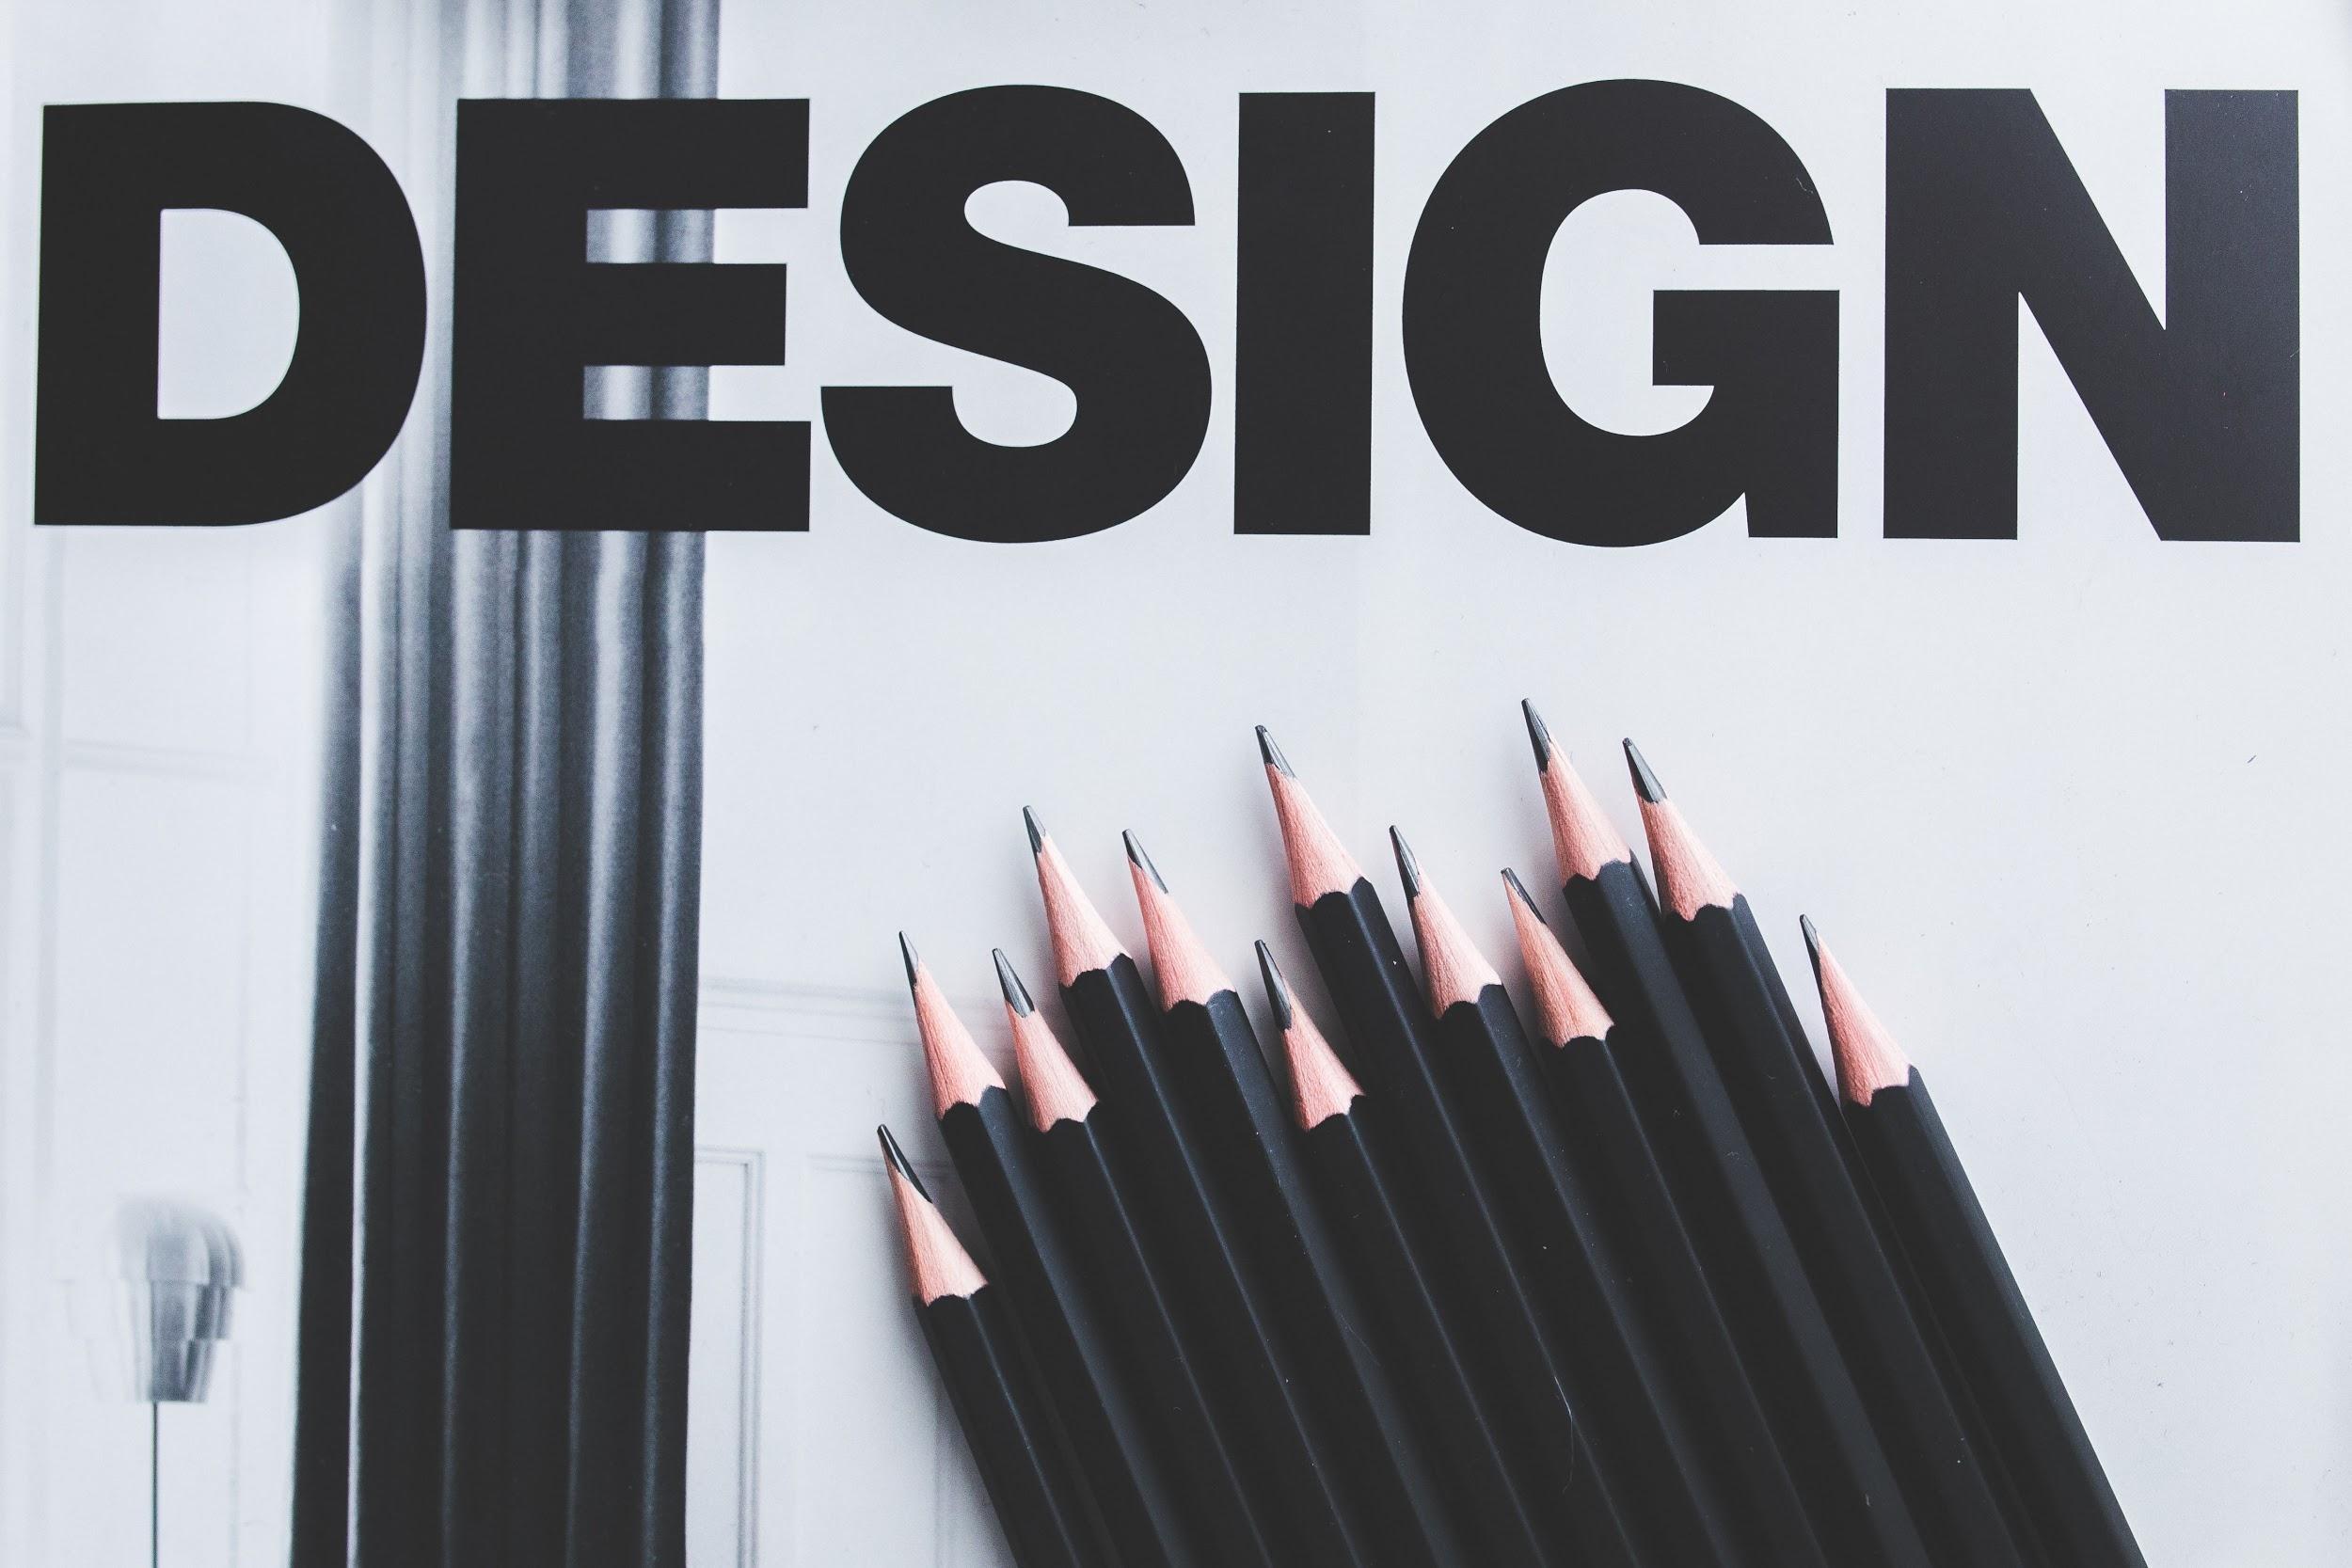 importancia del diseño en la publicidad